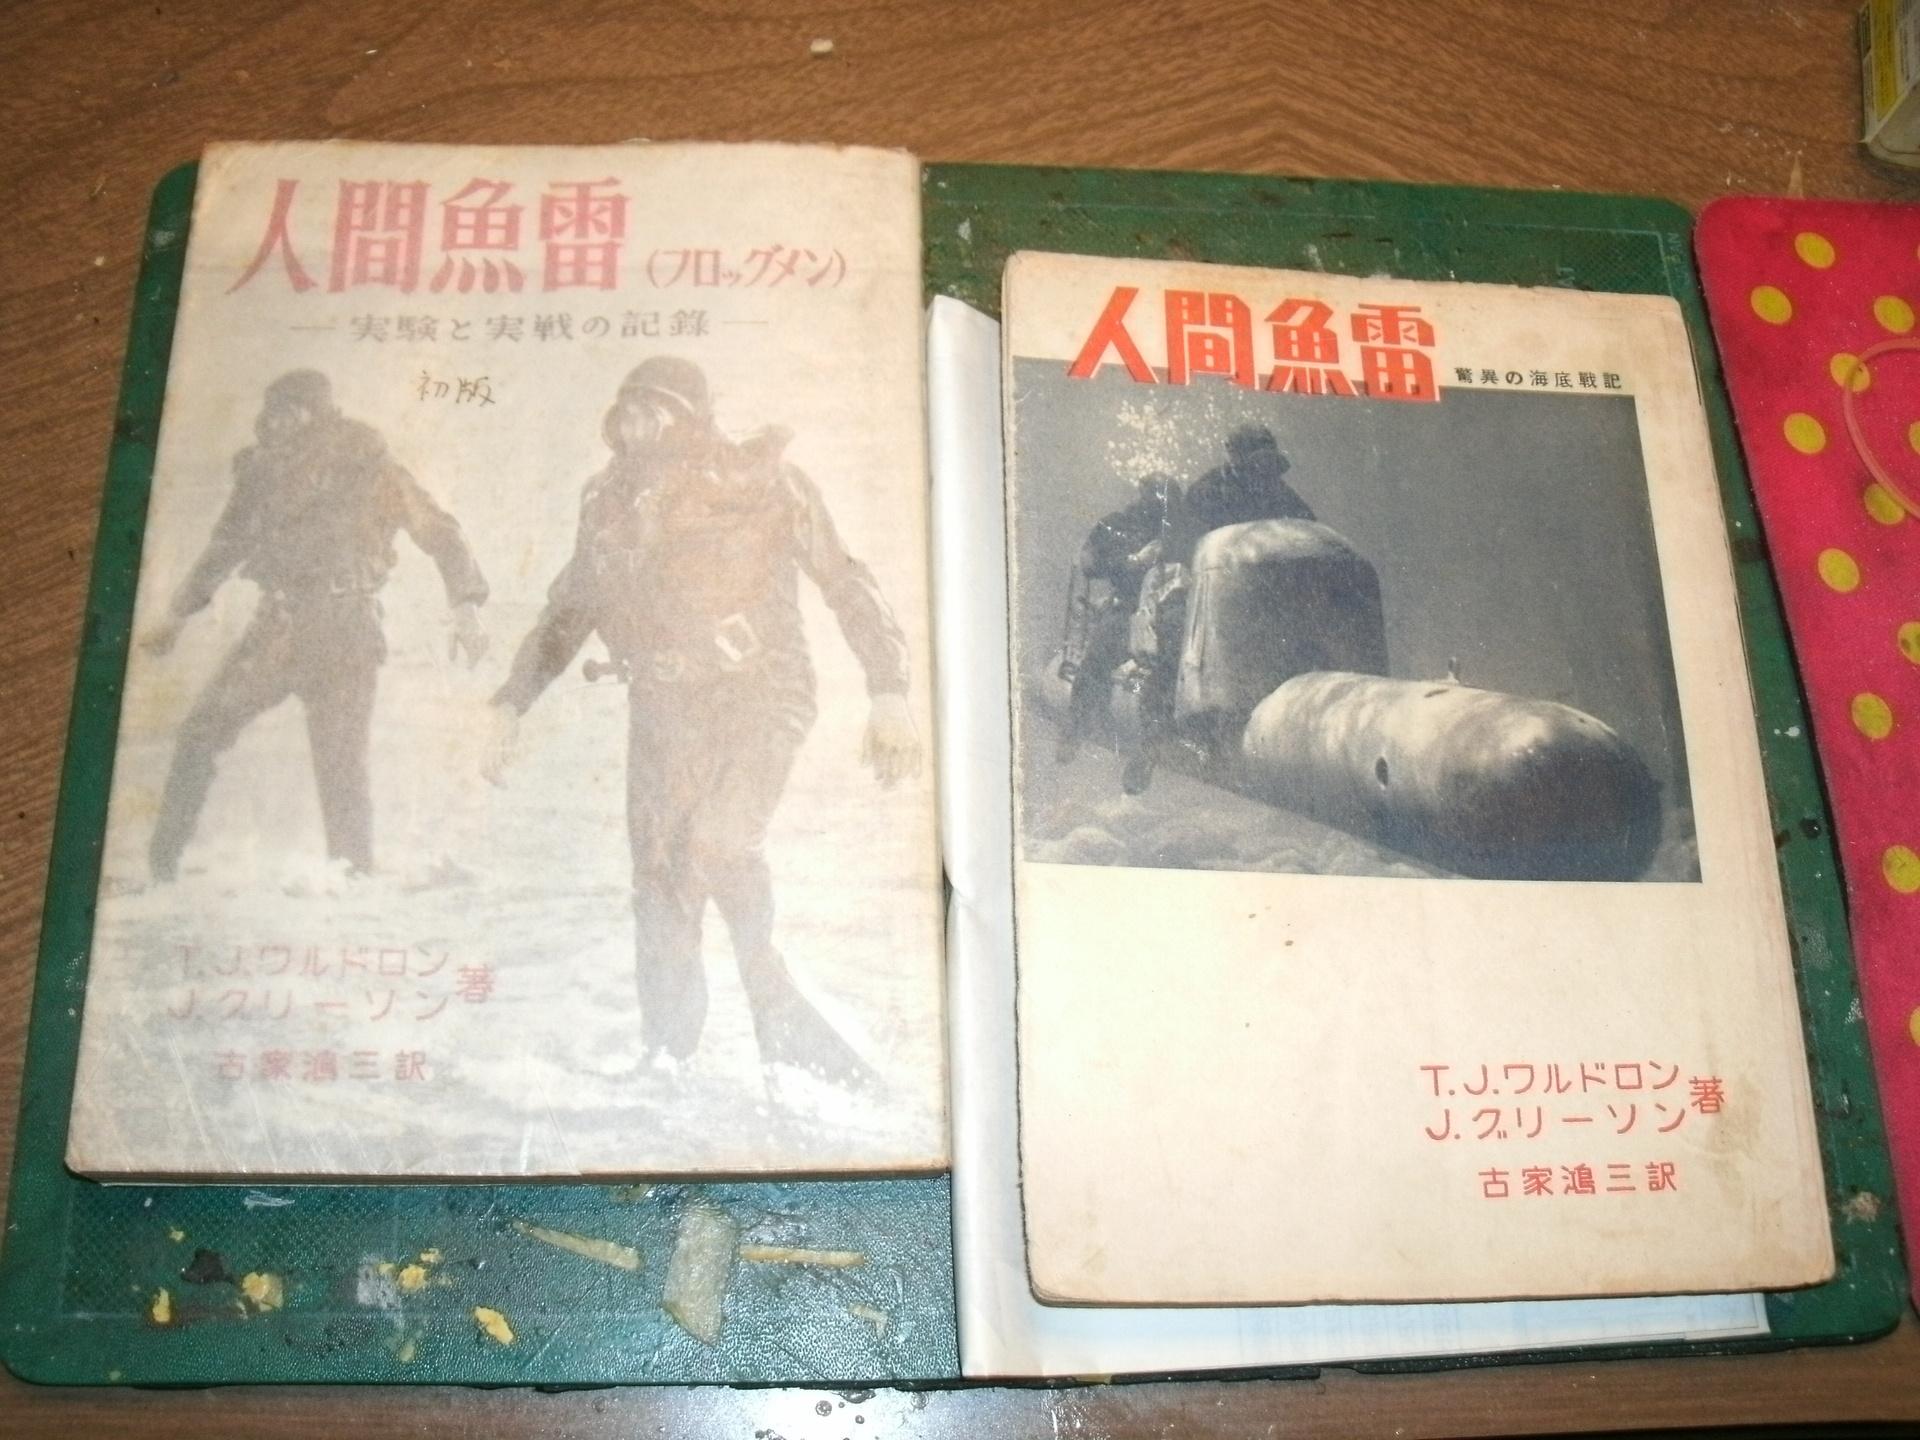 手持書籍「人間魚雷 フロッグメン」初版と2版.JPG